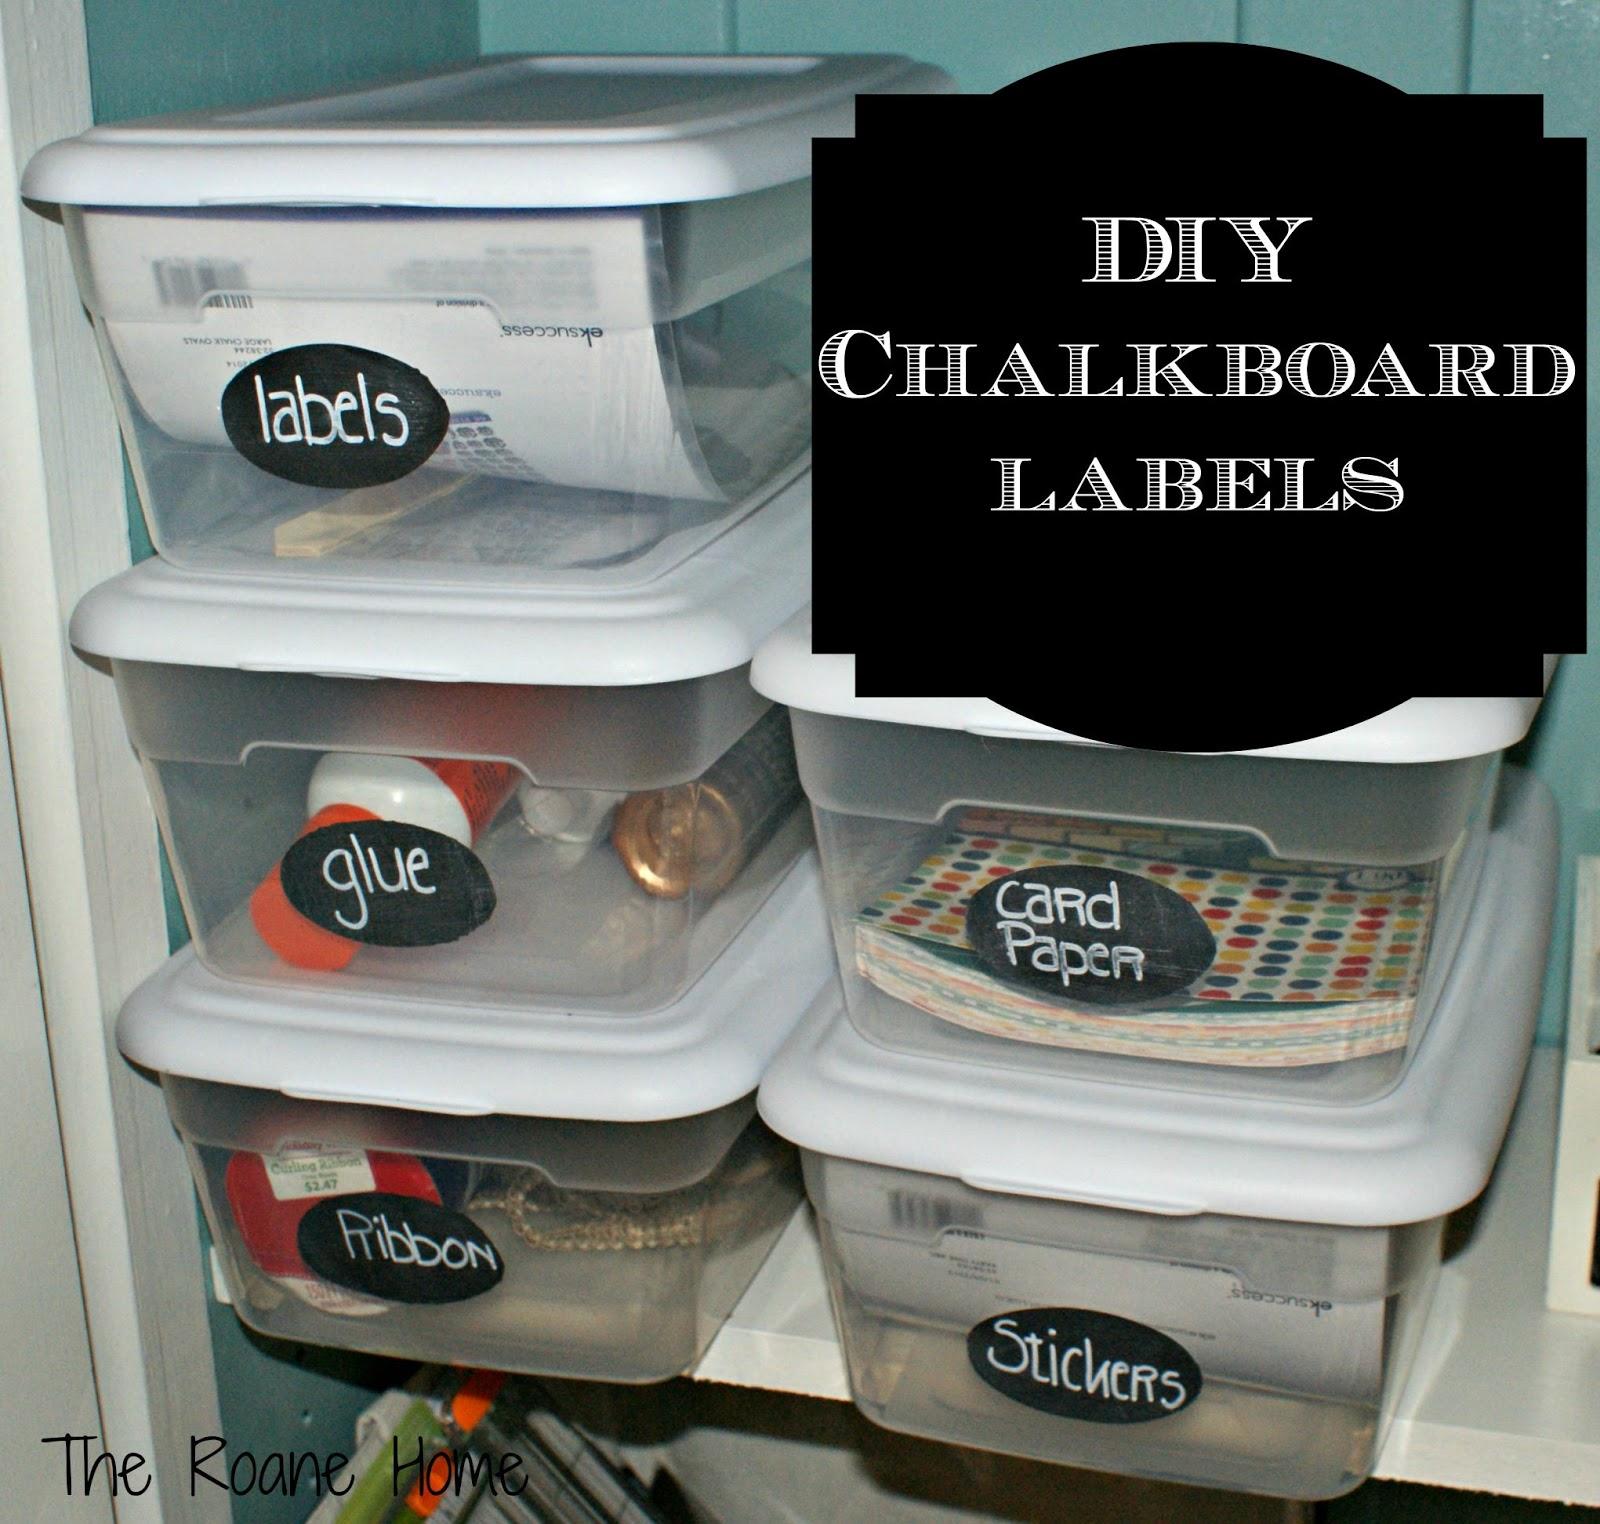 The roane home diy chalkboard labels for Diy chalk labels